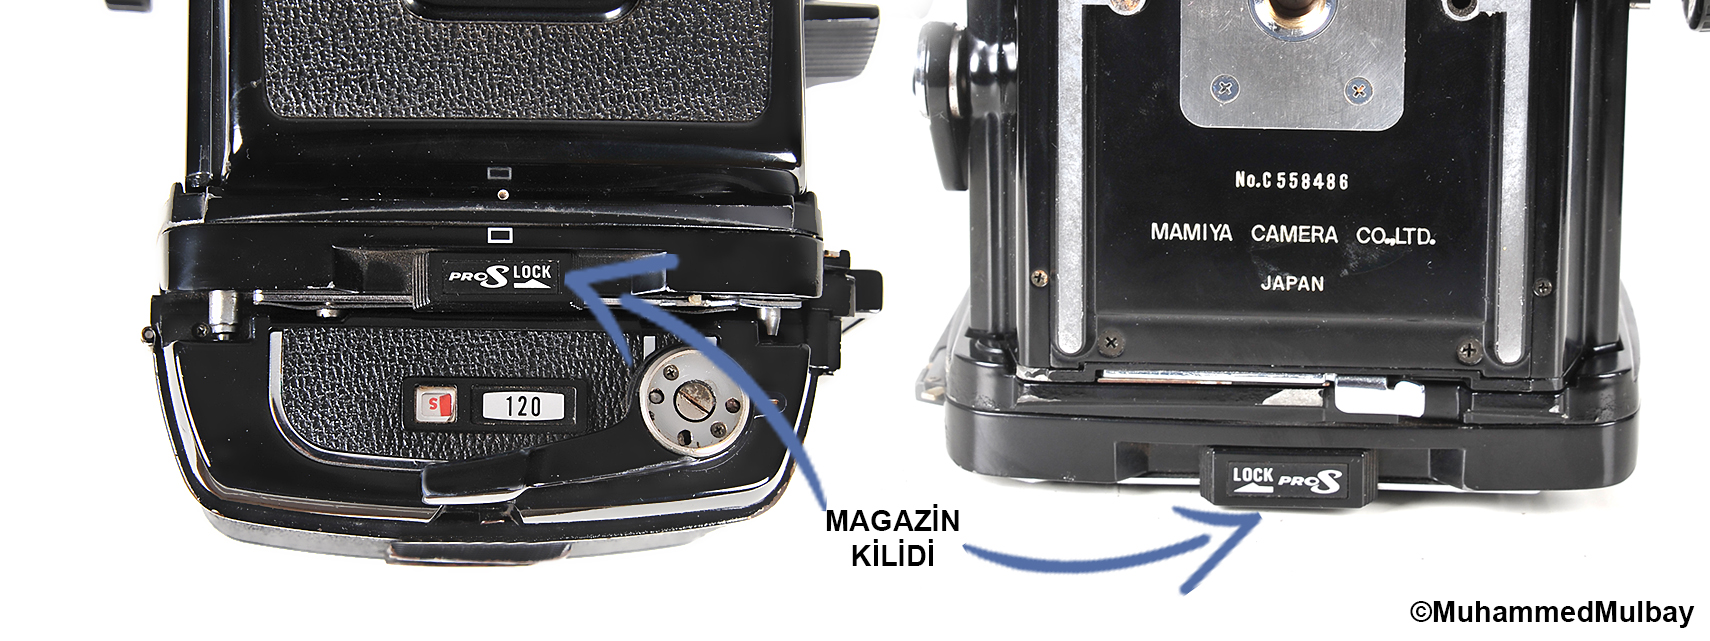 mamiya-rb67-kullanimi-analog-fotografcilik-6-